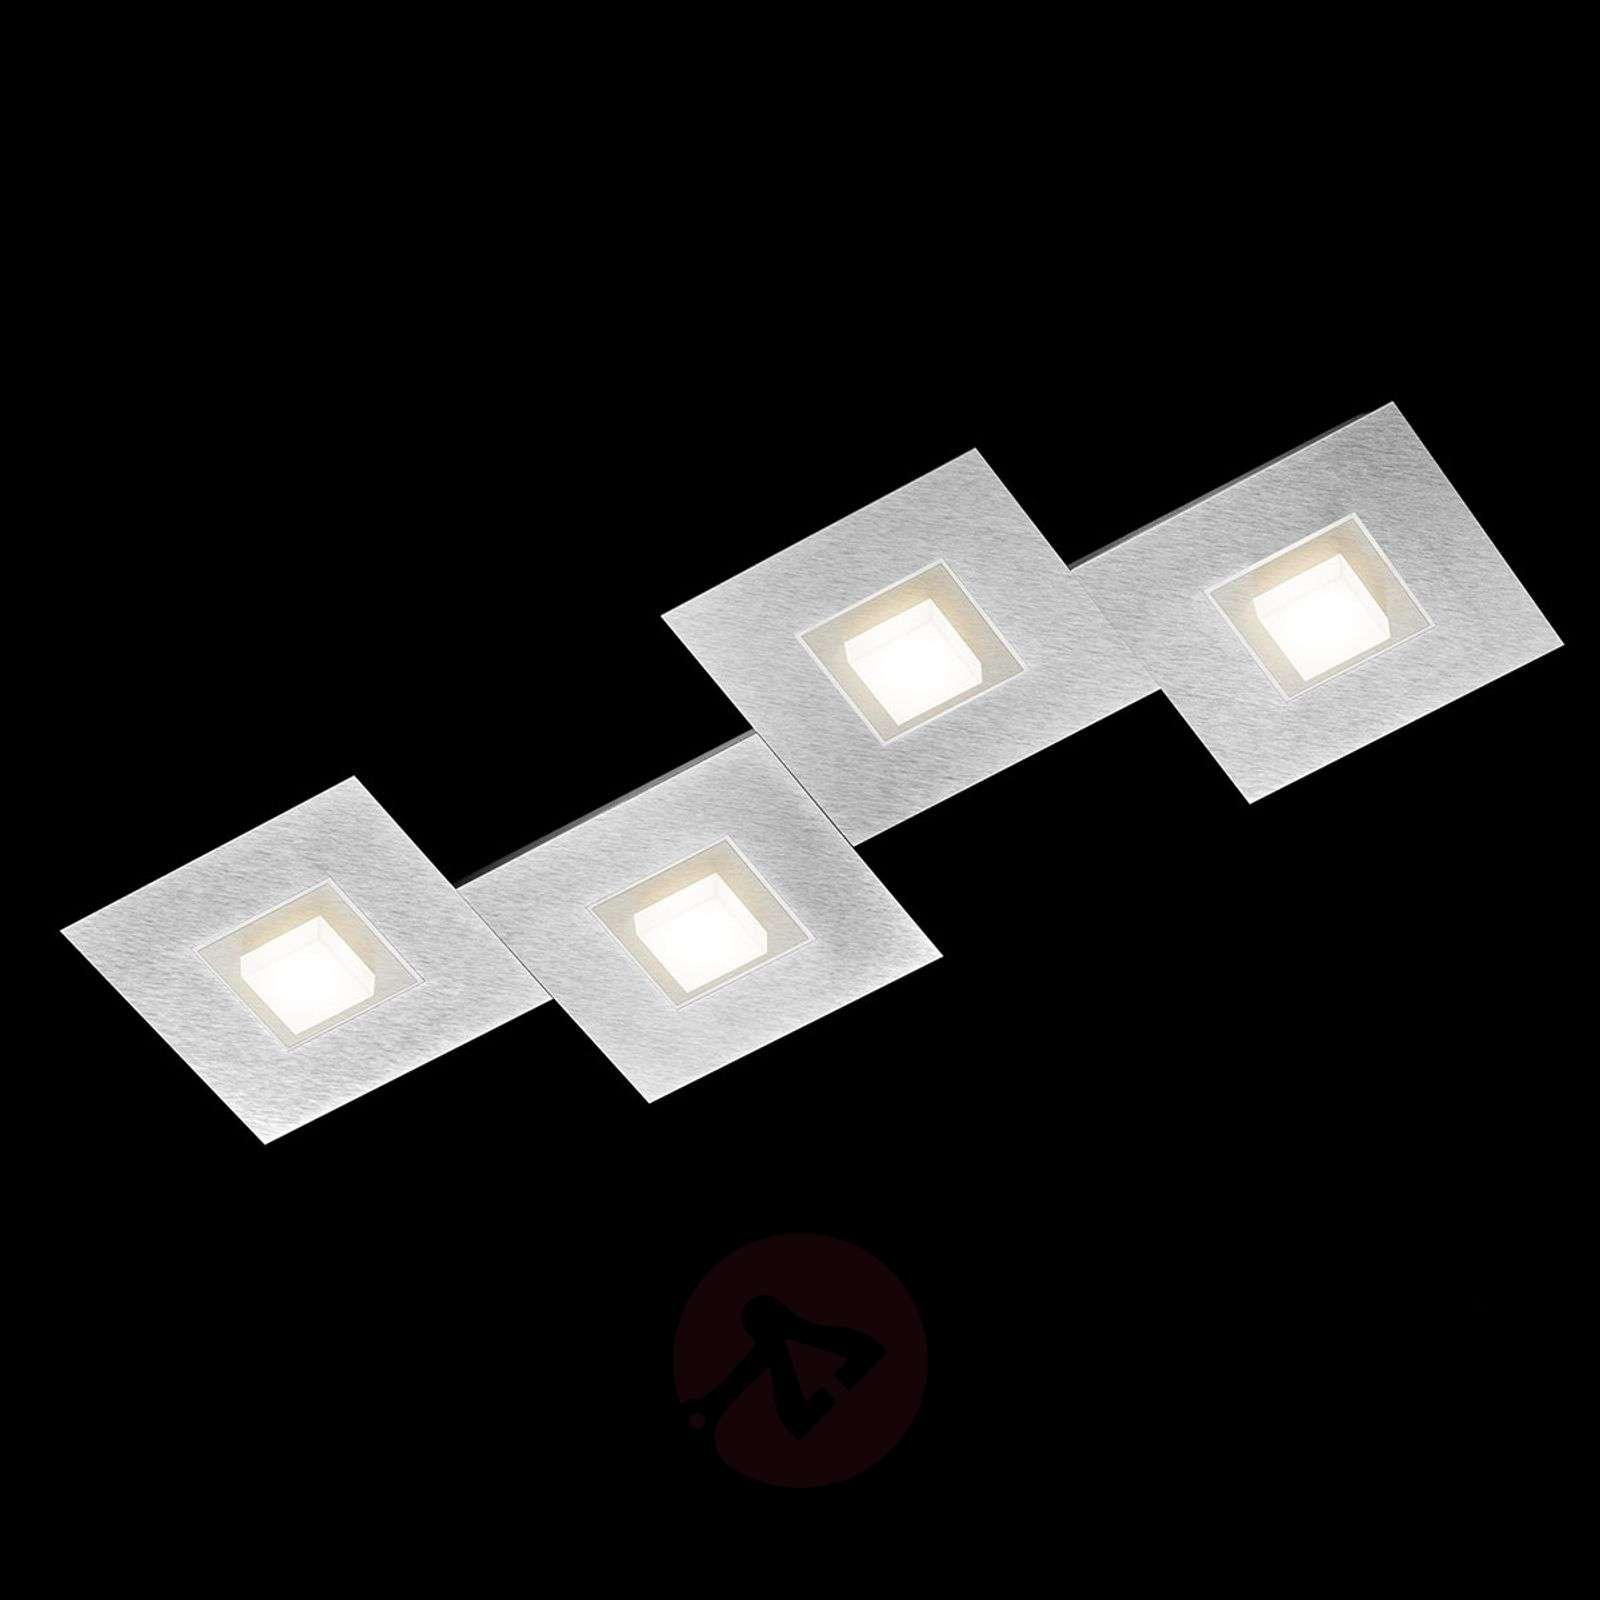 GROSSMANN Karree-LED-kattovalaisin 4-lamp. 80x30-4022045X-01